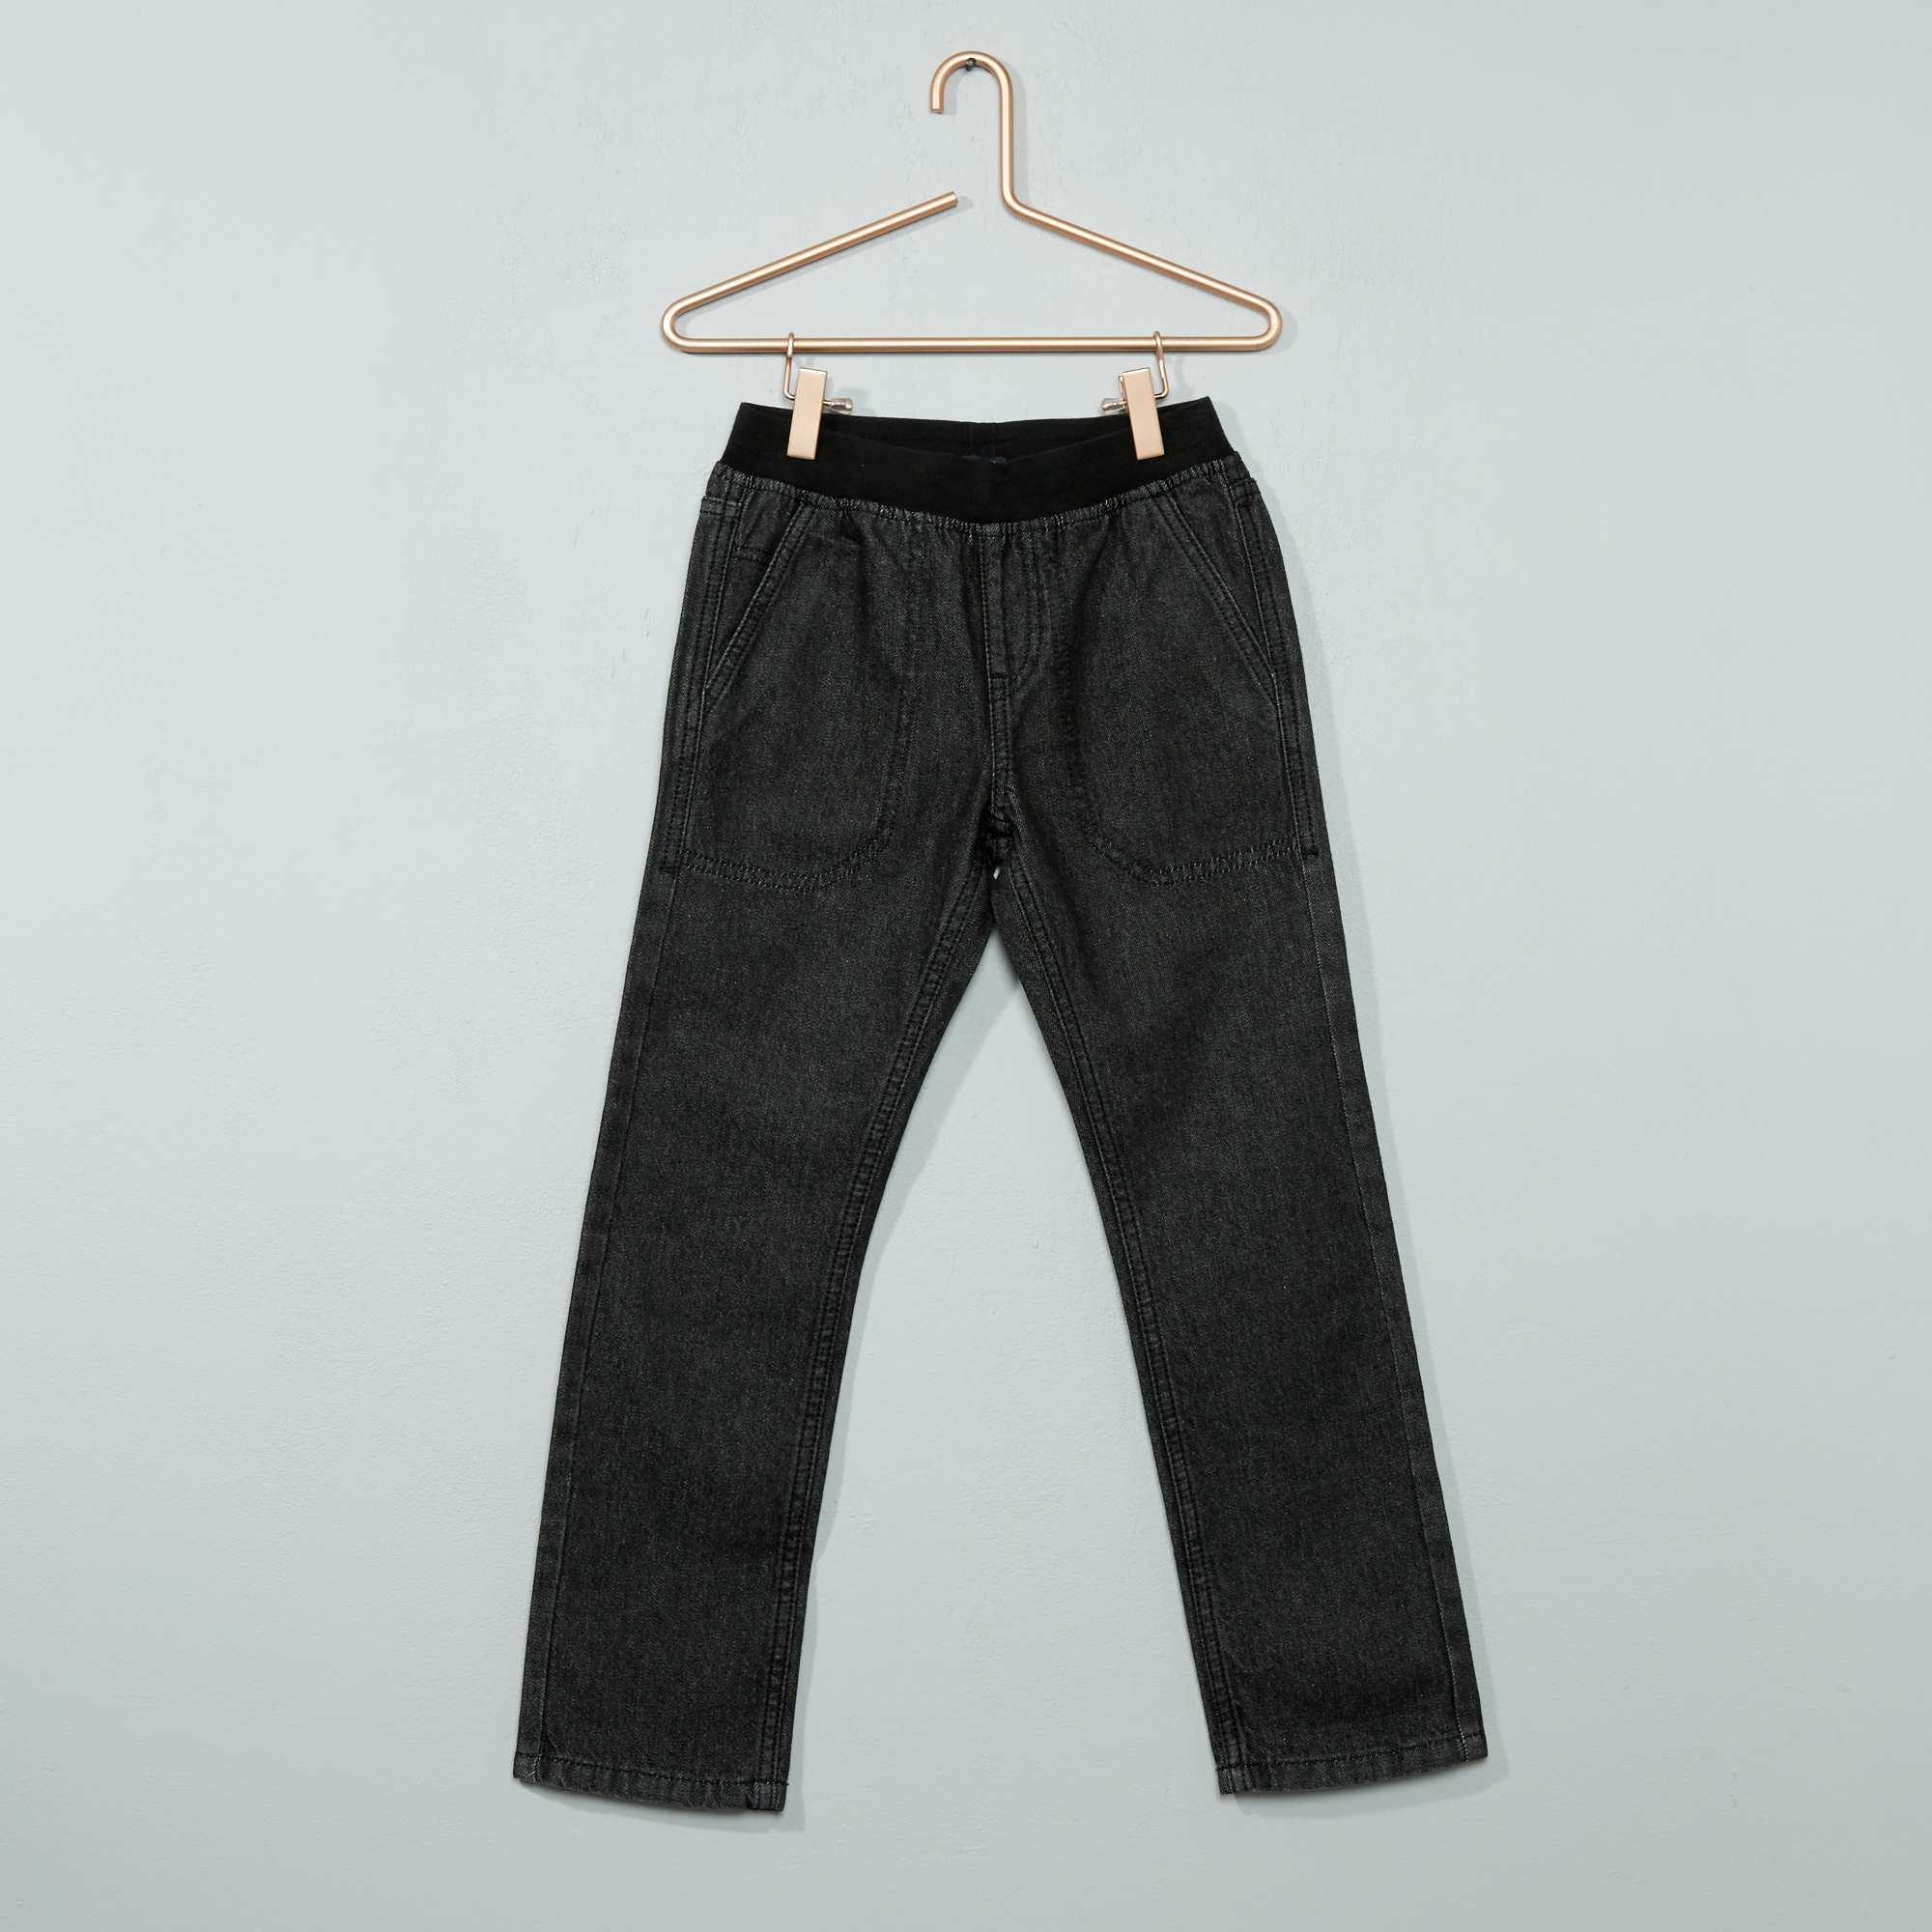 Couleur : denim black, denim bleu, ,, - Taille : 6A, 9A, 8A,10A,7ALe jean idéal pour le confort grâce à sa taille élastiquée ! - Jean denim - Coupe